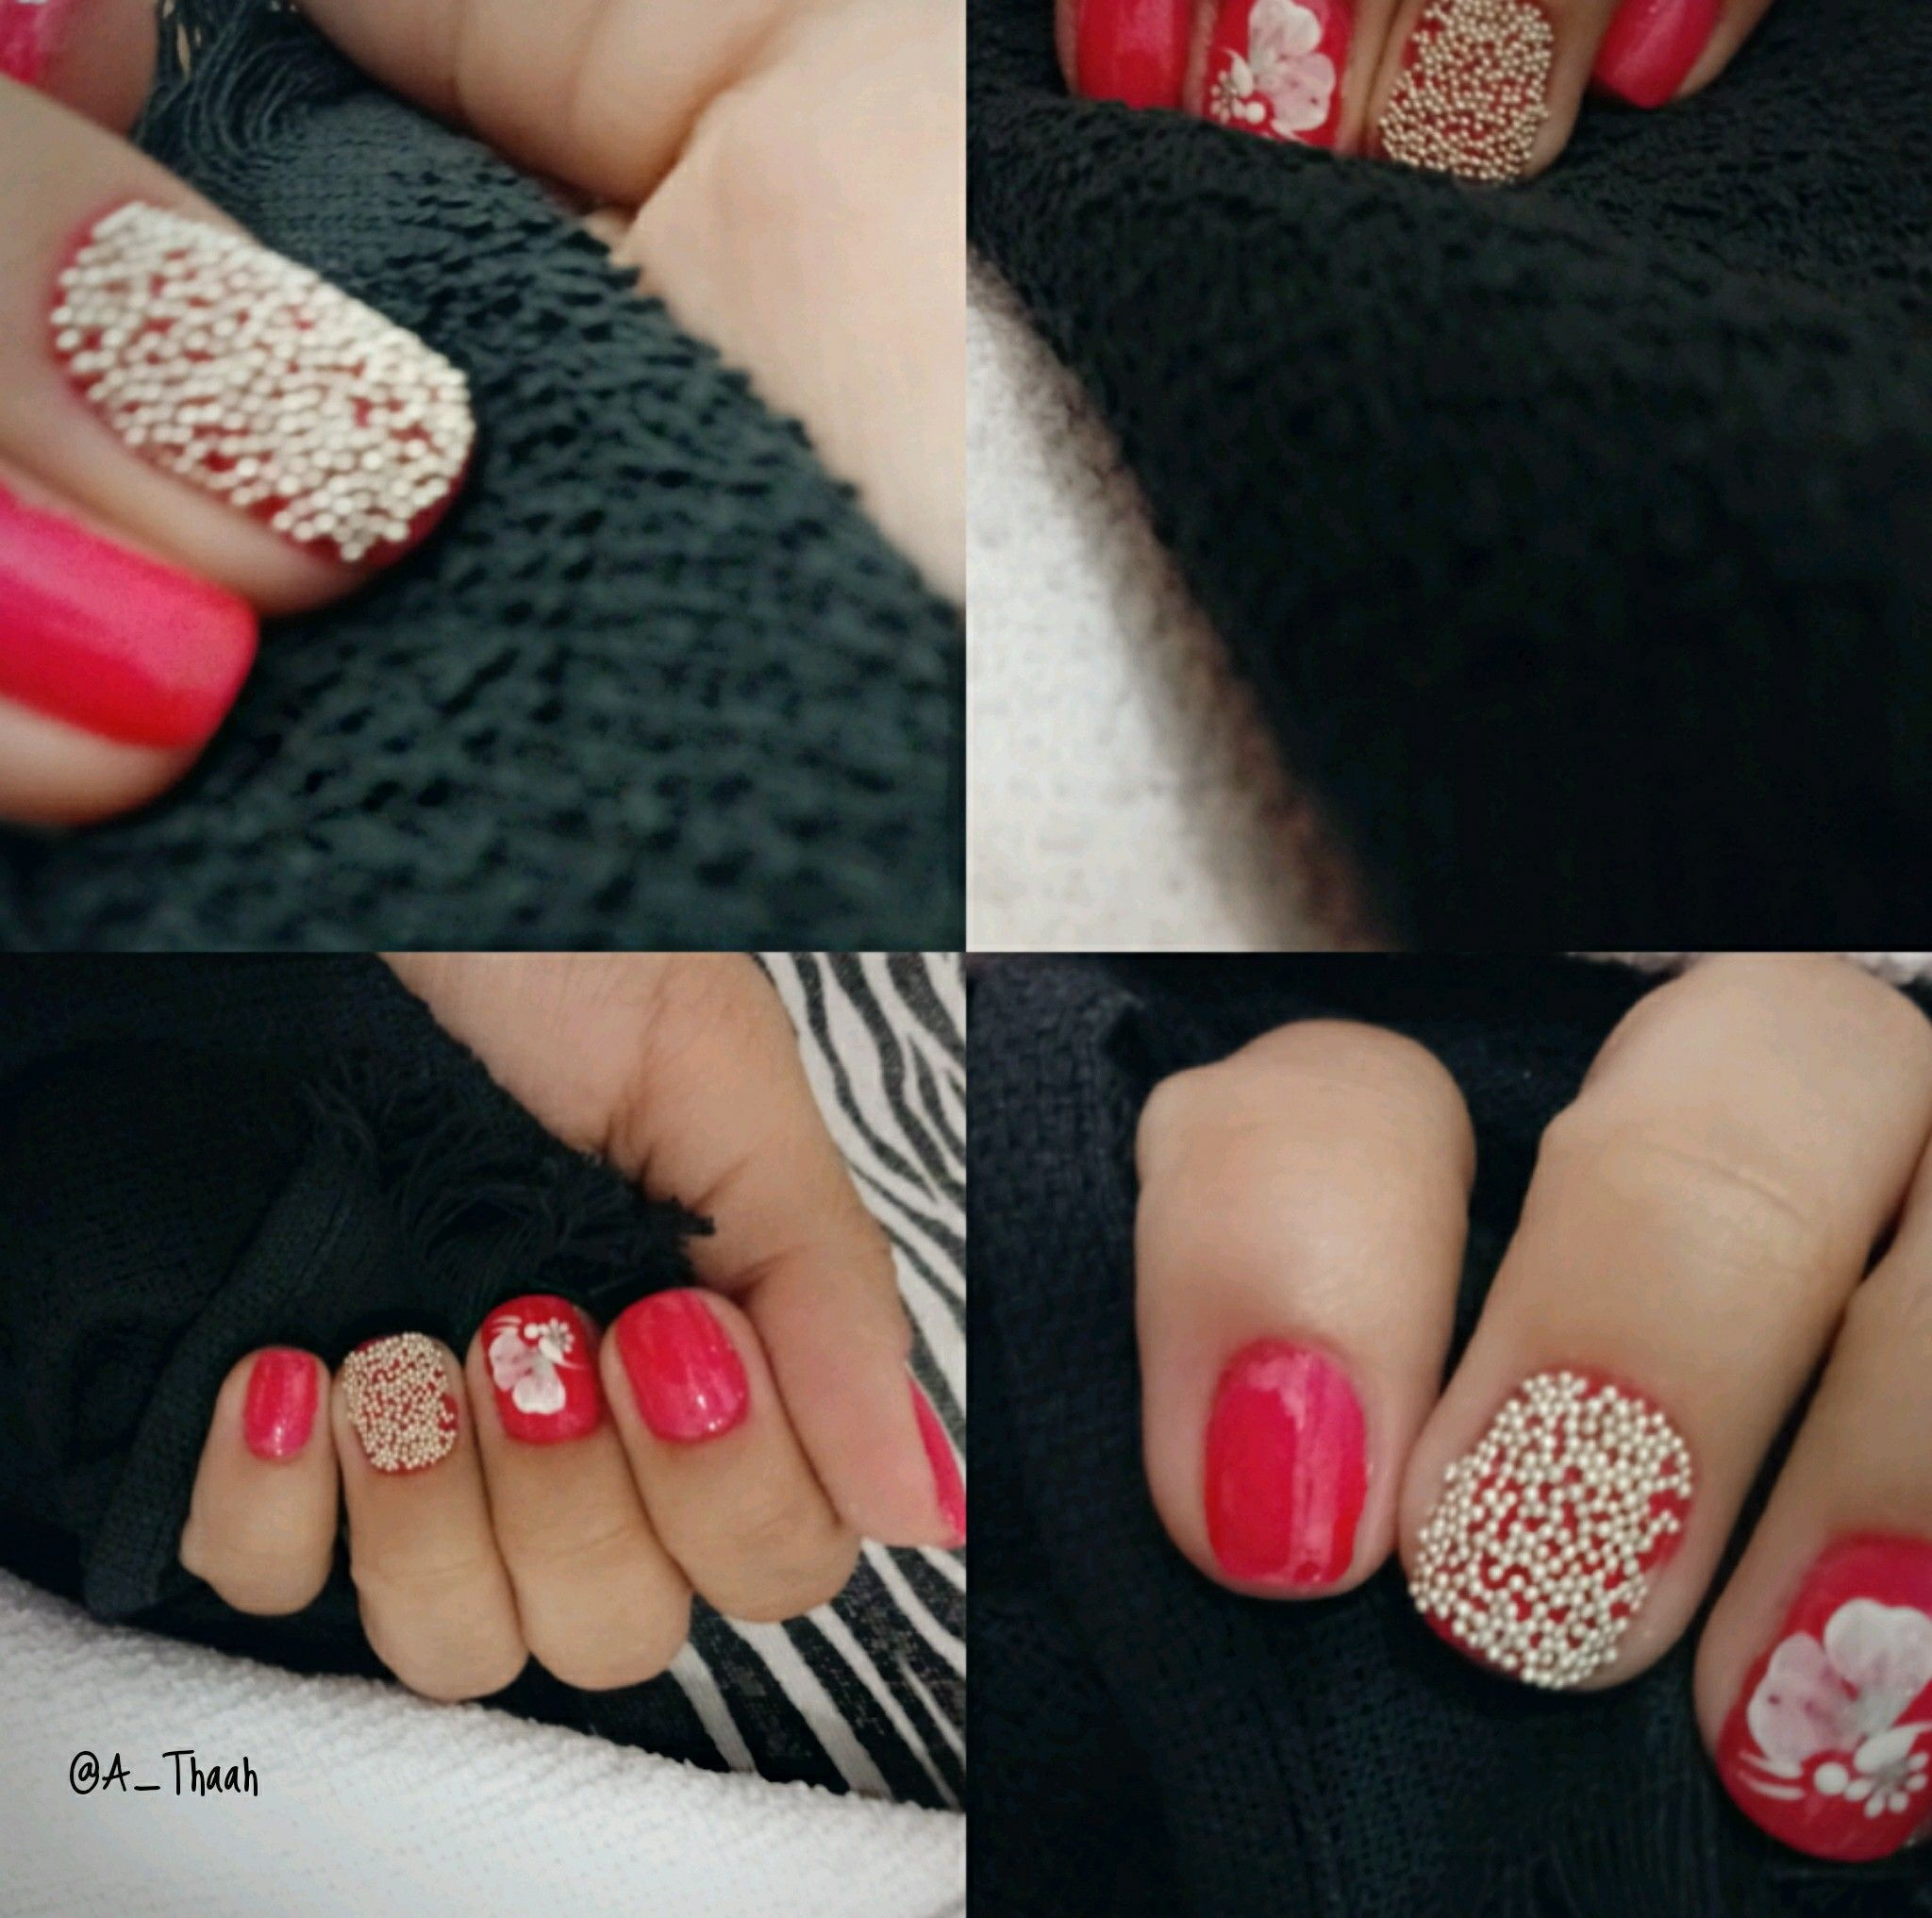 #unhas #caviar #minhas unha manicure e pedicure designer de sobrancelhas